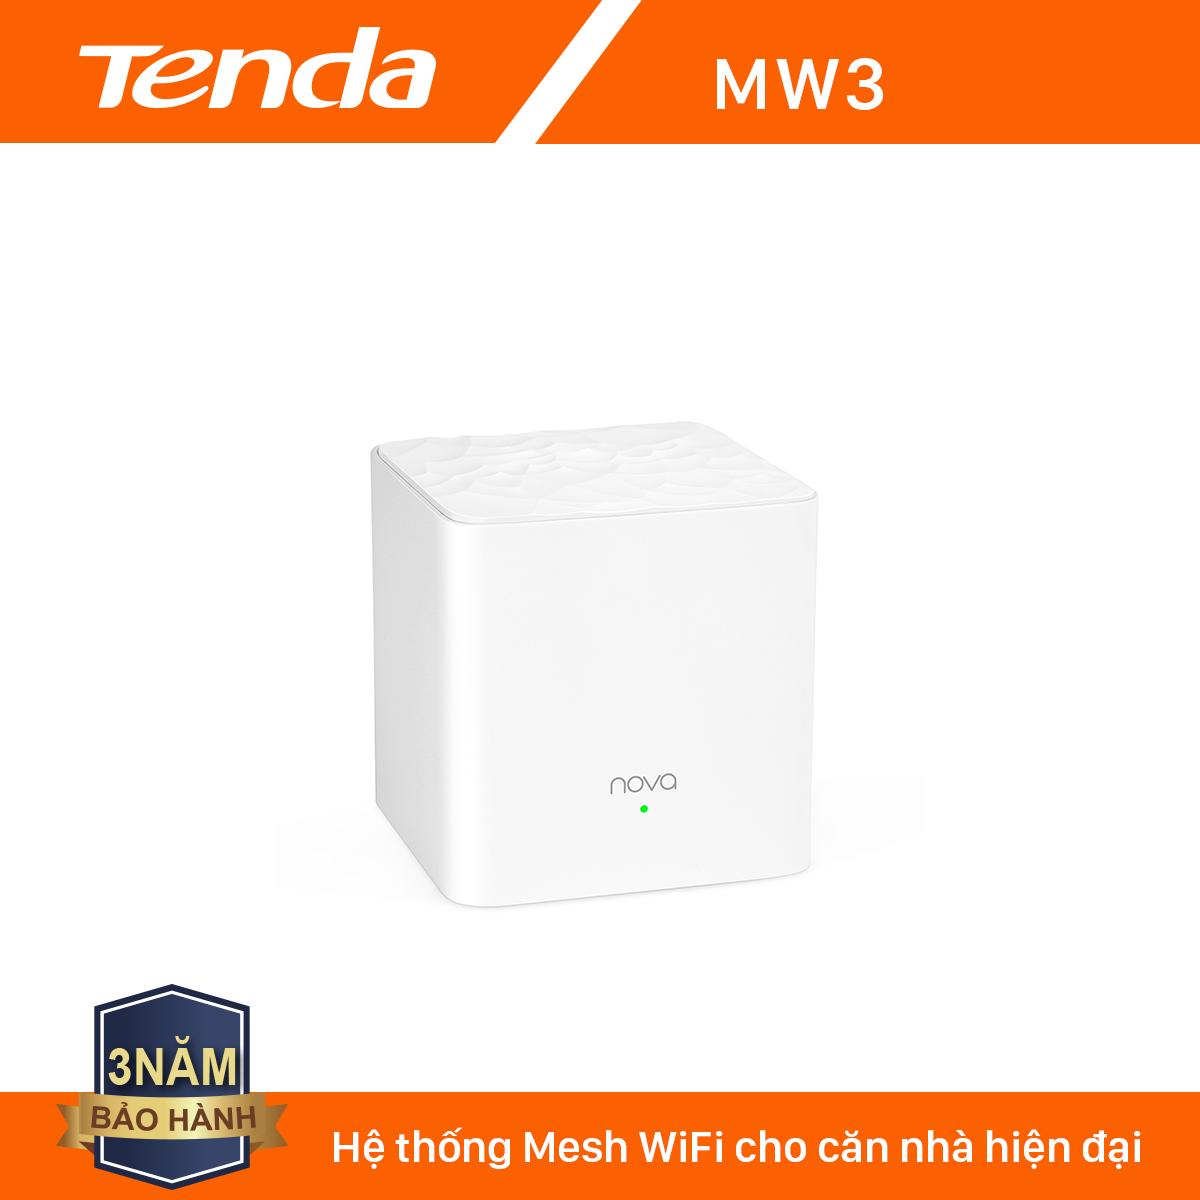 Tenda Hệ thống Wifi Nova Mesh cho gia đình MW3 Chuẩn AC 1200Mbps – Hãng phân phối chính thức